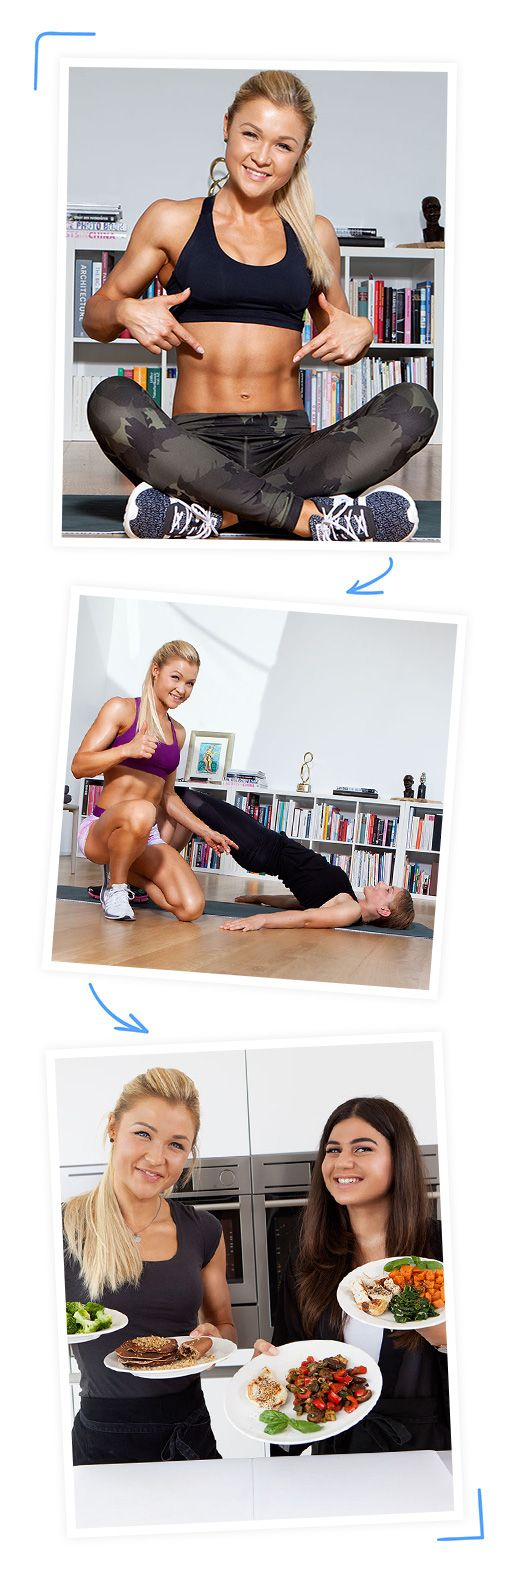 Mit Sophia Thiel im 12 Wochen Programm zum Traumbody. Du kannst das schaffen - mit effektivem Training, gesunder Ernährung und persönlichen Geheimtipps von Sophia.